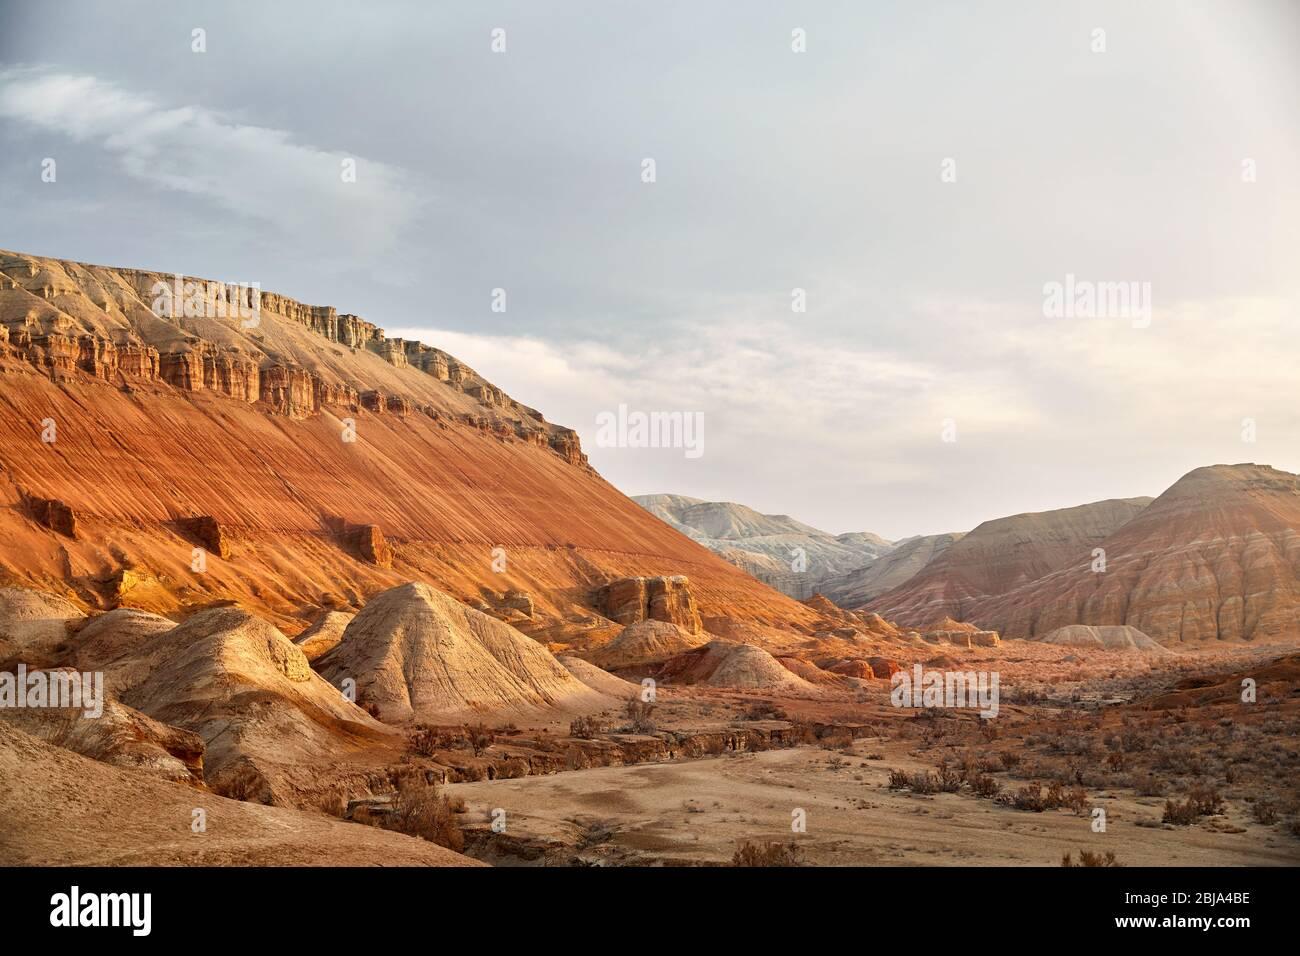 Paisaje épico del Cañón y las montañas con capas en el hermoso parque del desierto Foto de stock